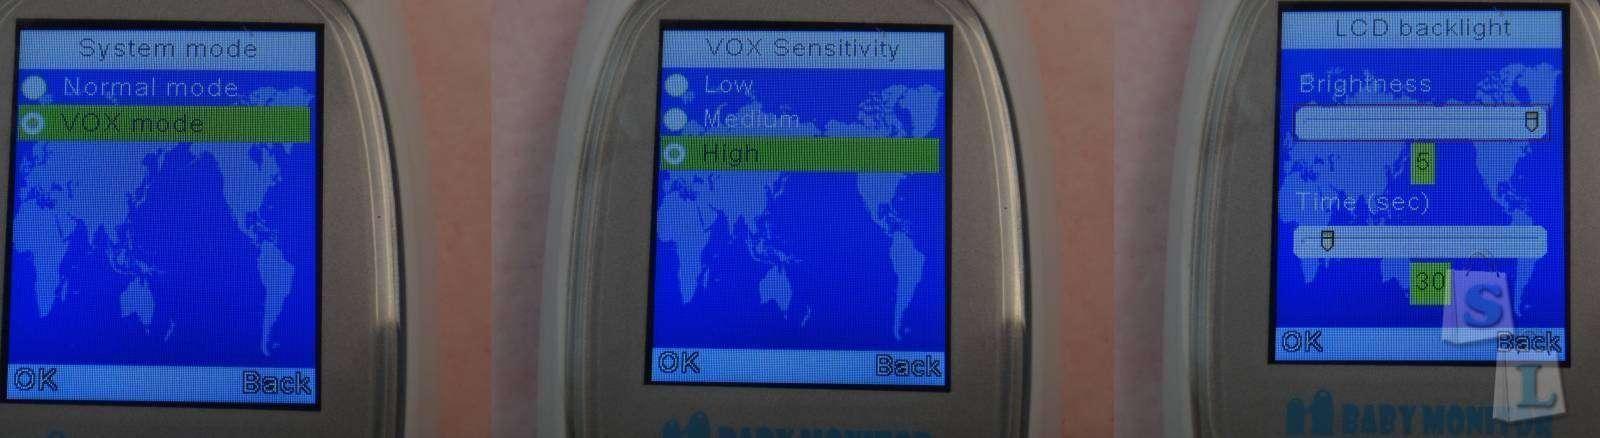 EachBuyer: Обзор видеоняни Sunluxy 2,4 Ггц и отличной дальностью